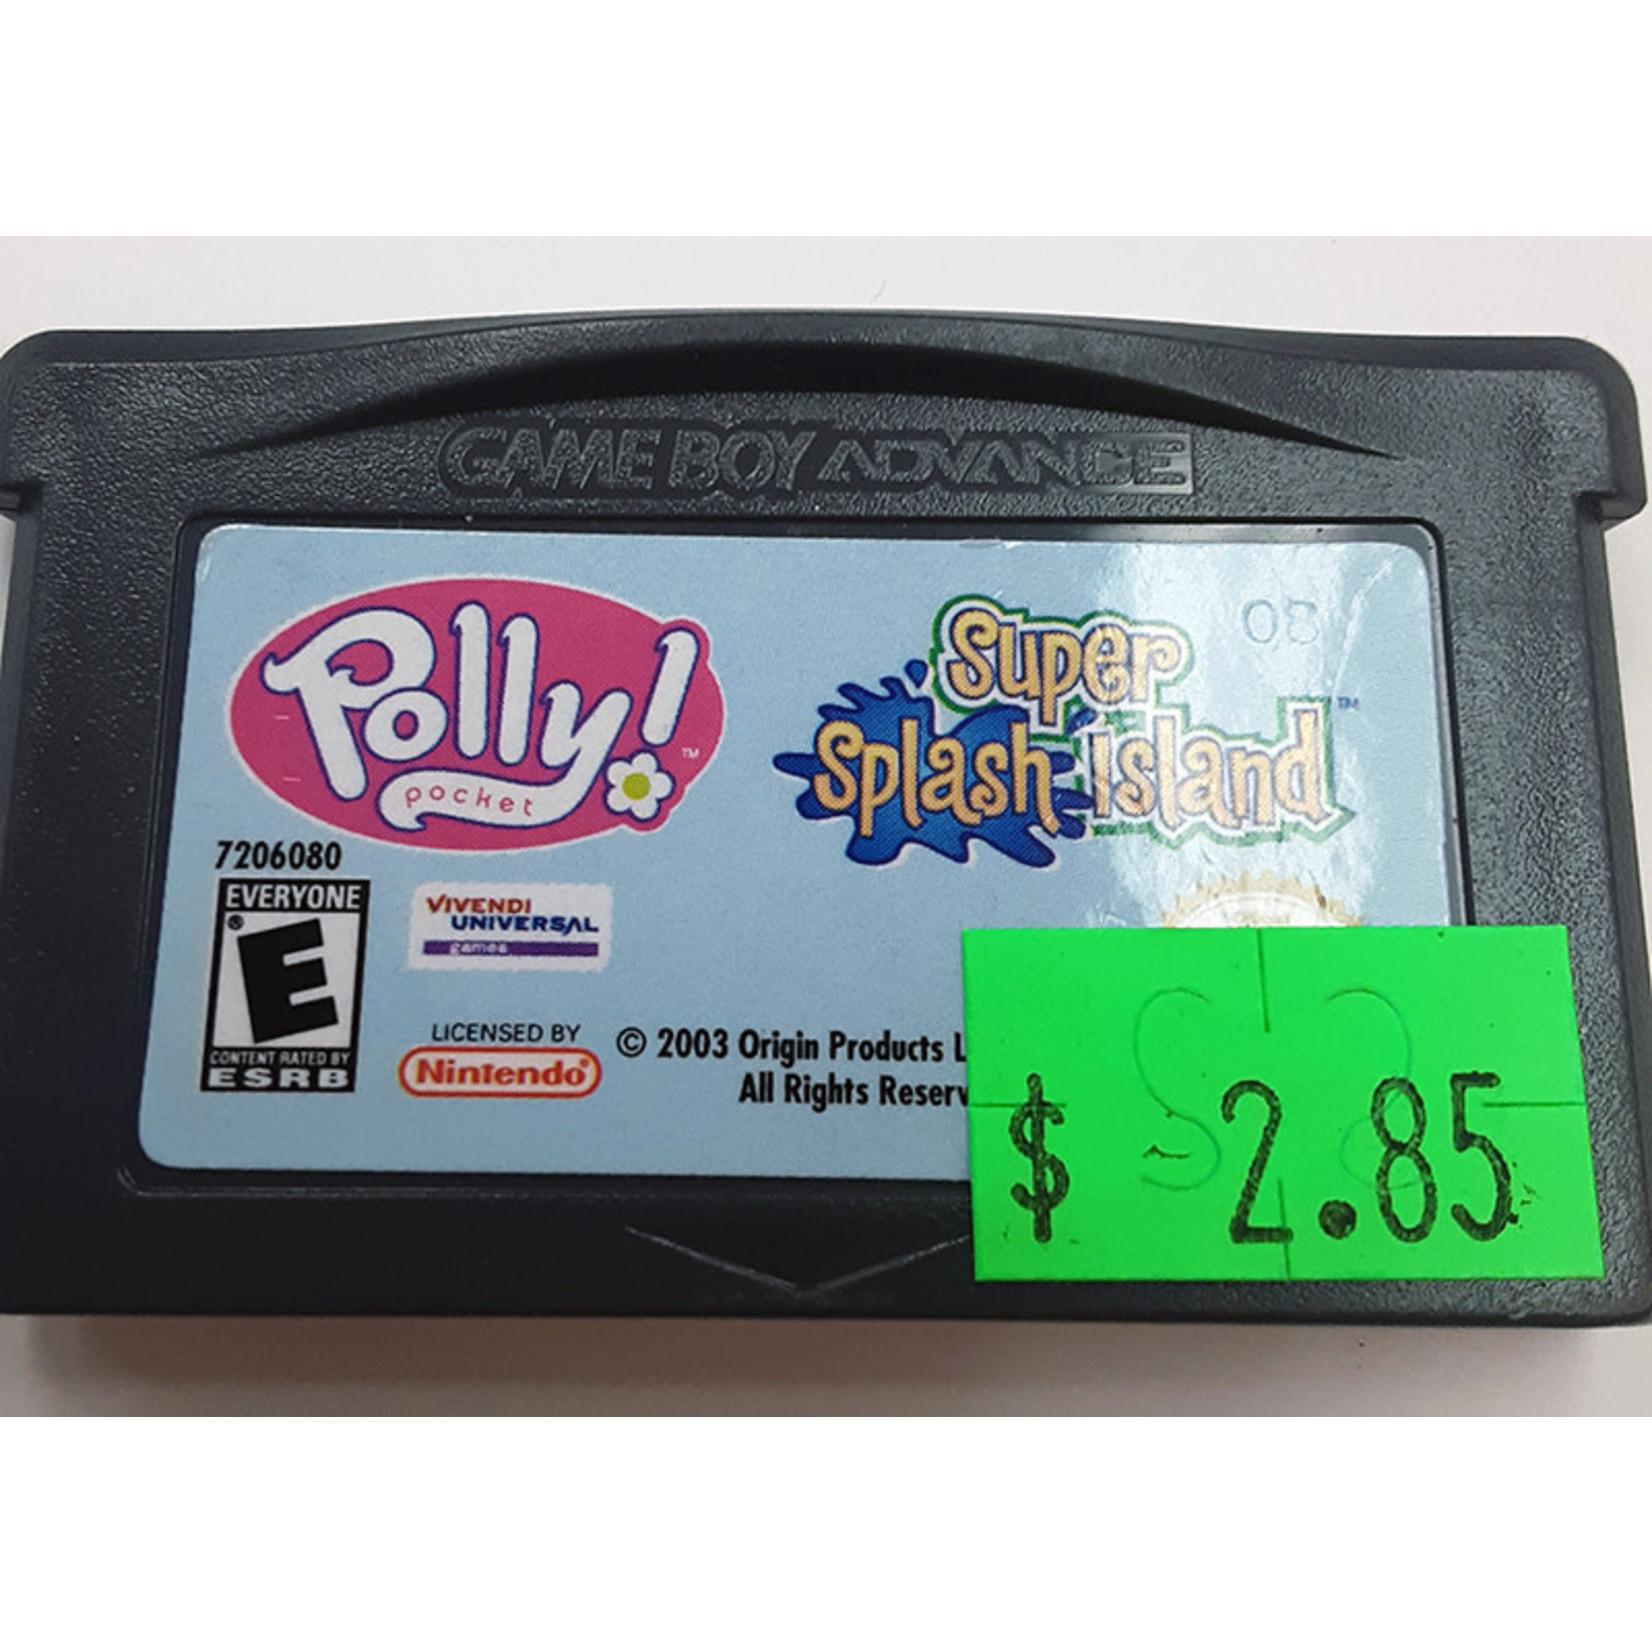 GBAu-Polly Pocket Super Splash Island (cartridge)